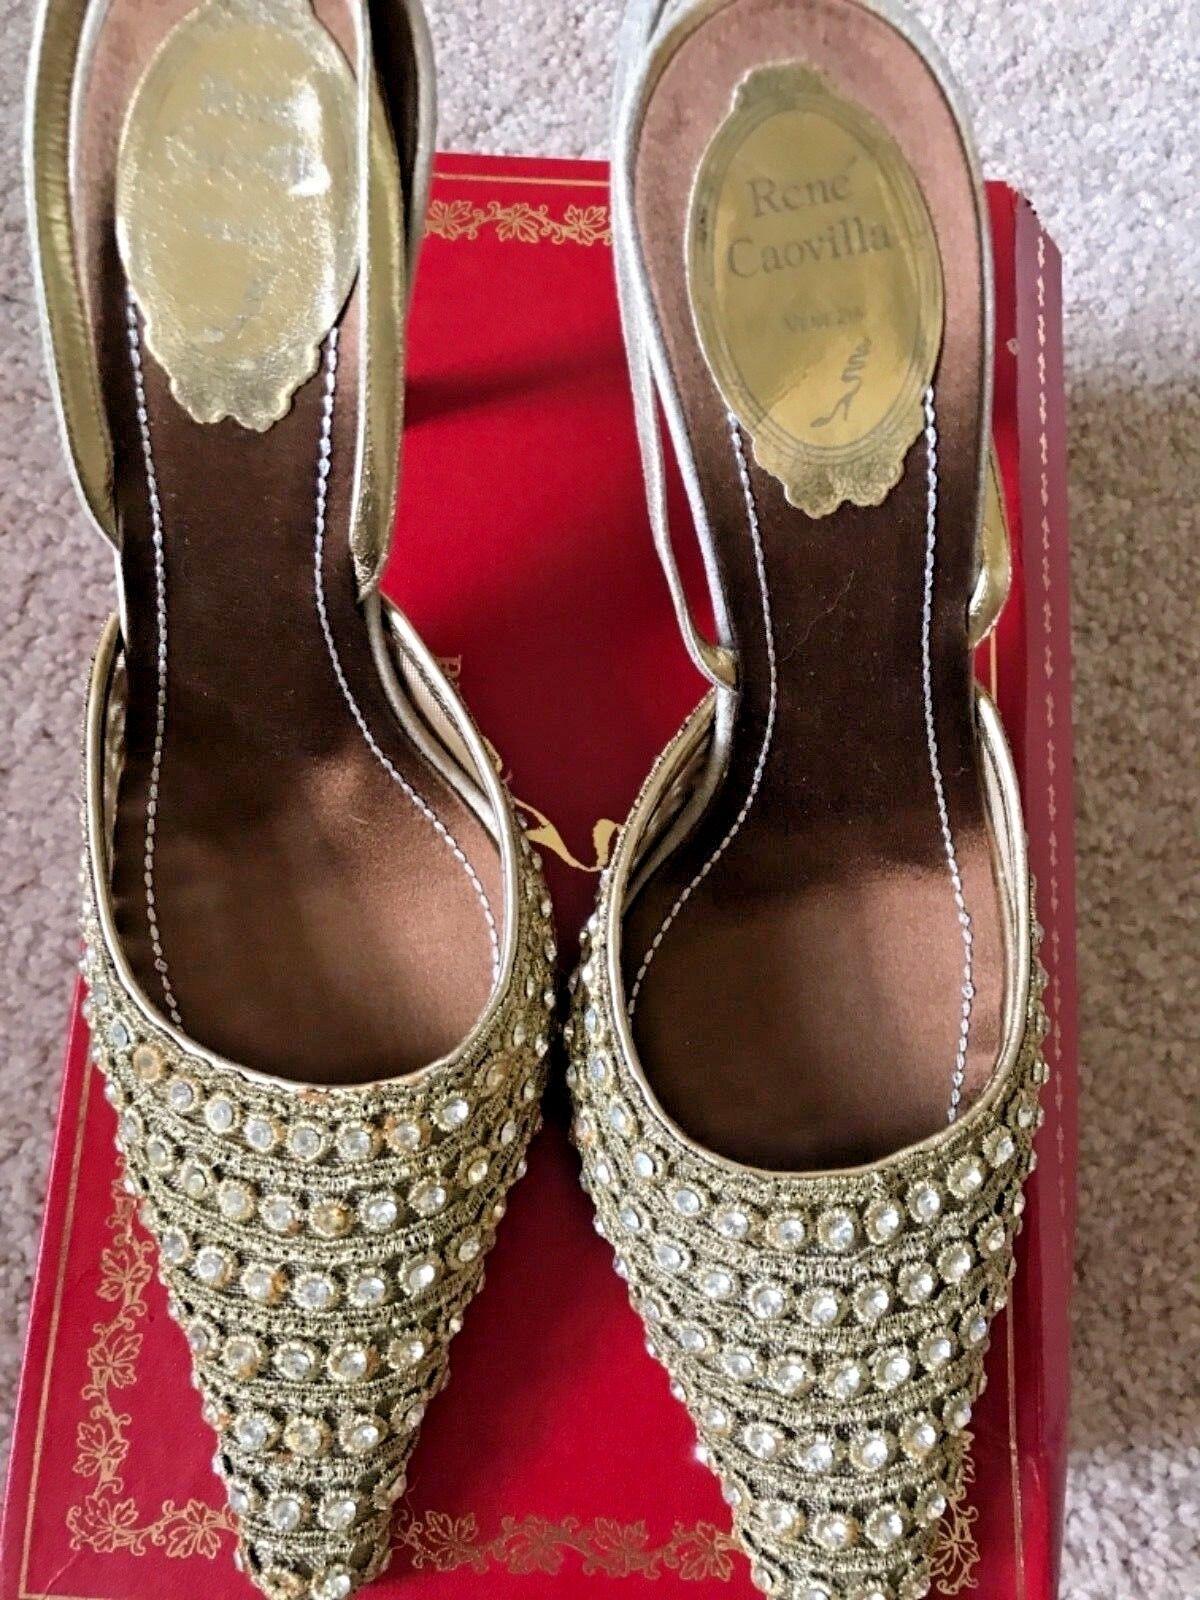 presentando tutte le ultime tendenze della moda NWB NWB NWB   RENE CAOVILLA BURMA oro donna Dimensione 37.5  migliore qualità